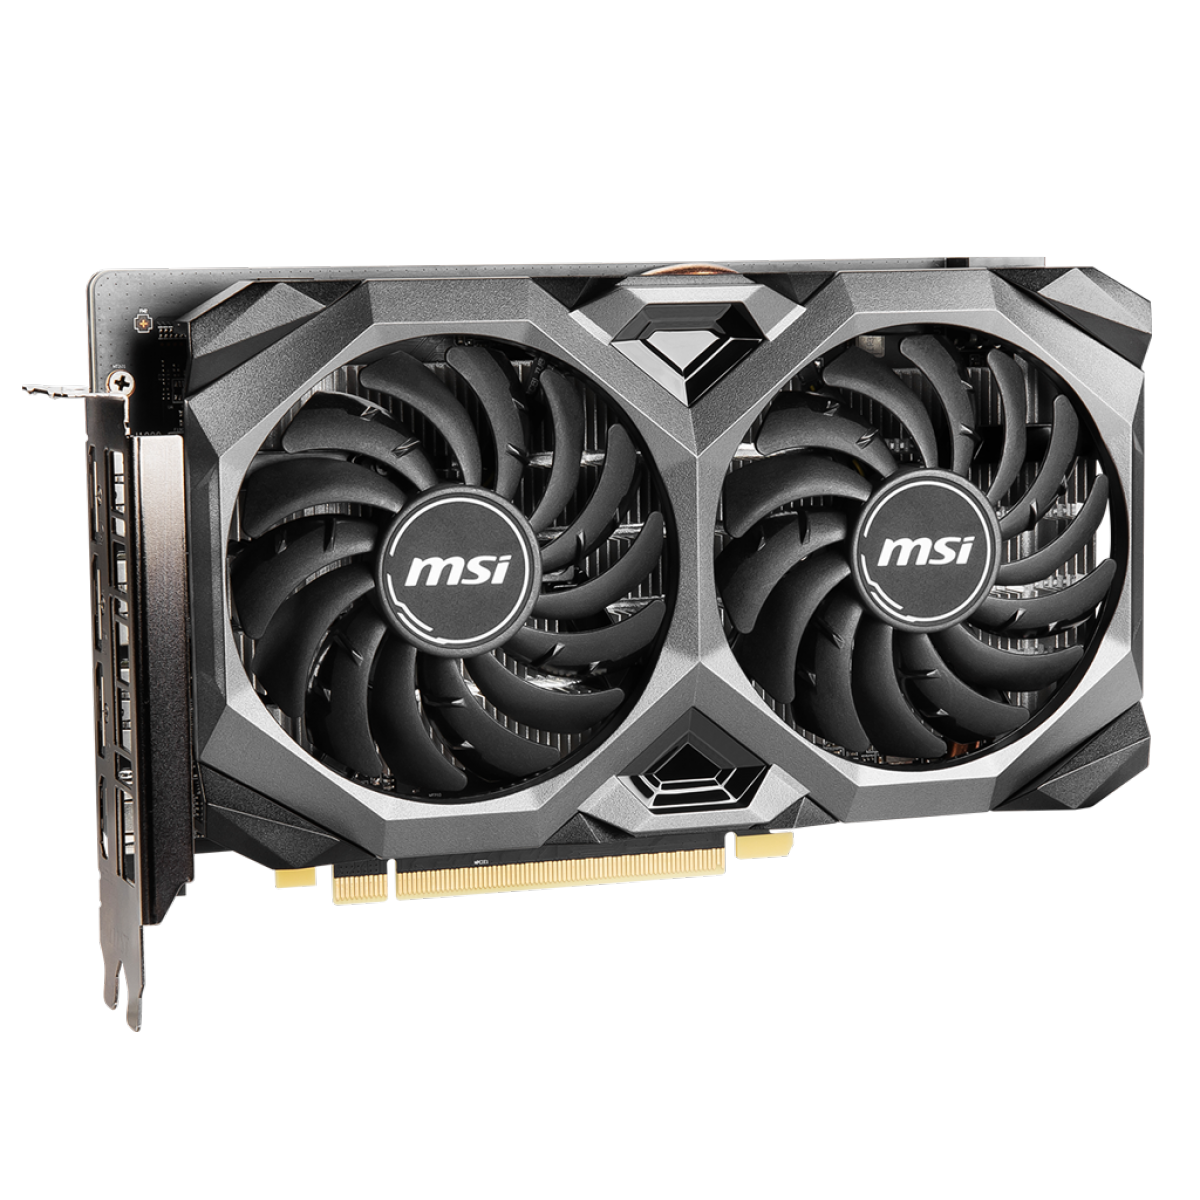 Placa de Vídeo MSI Radeon RX 5500 XT Mech 8G OC Dual, 8GB GDDR6, 128Bit, RX 5500 XT MECH 8G OC